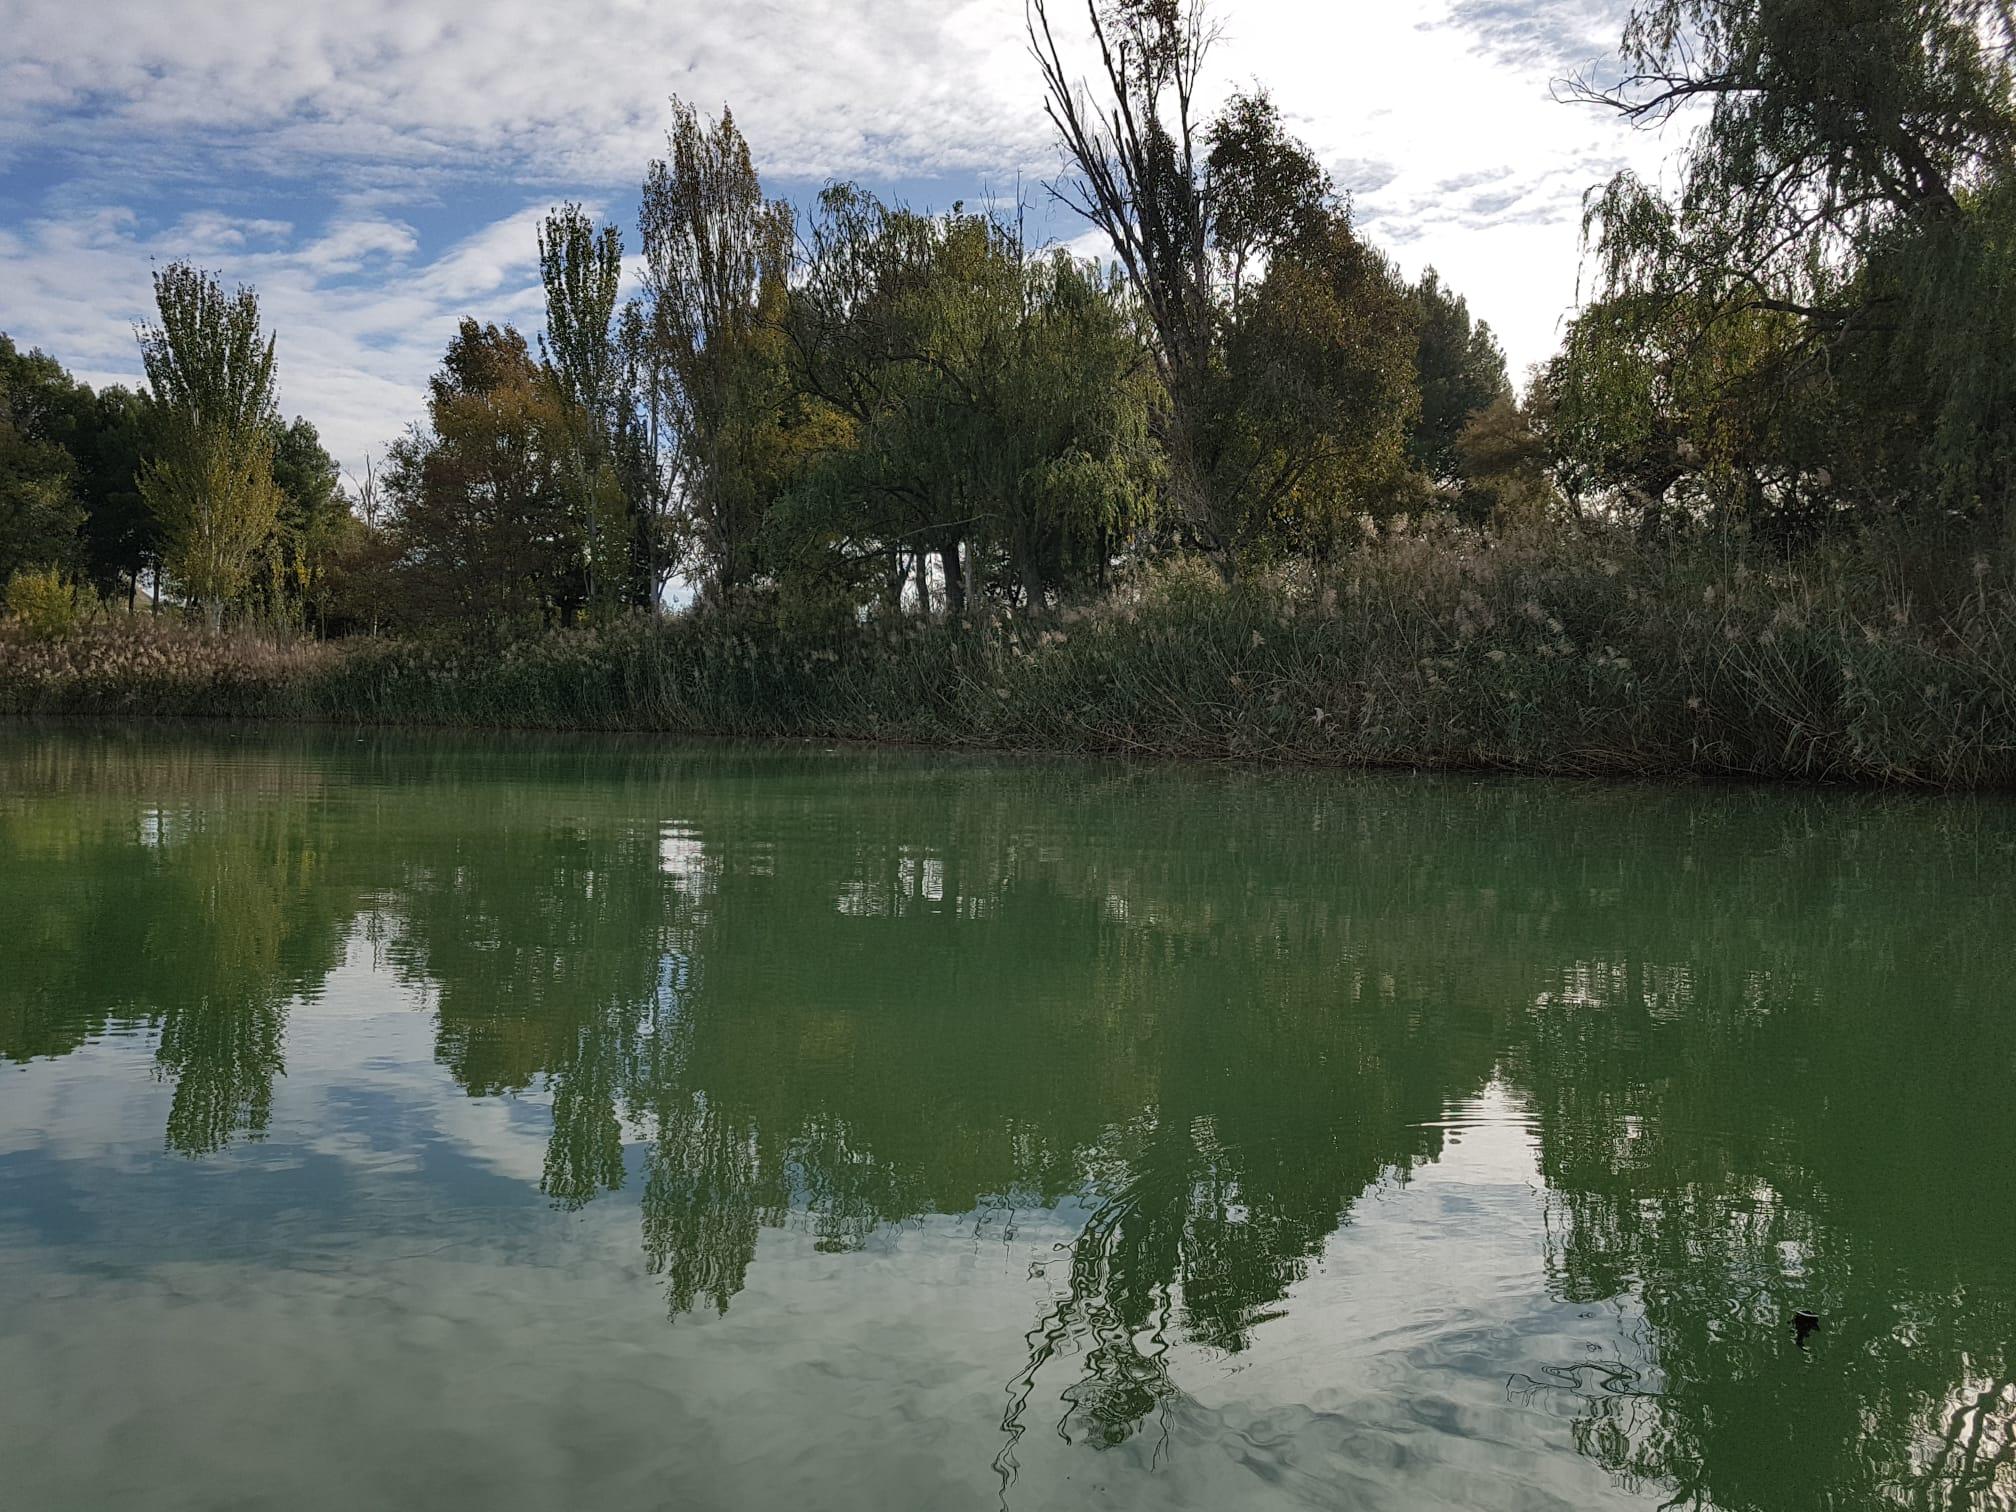 Durante esta semana, y como consecuencia de un proceso natural, la laguna El Raso ha sufrido un cambio de coloración en la lámina de agua provocada por la falta de oxígeno, así como la emisión de un olor desagradable